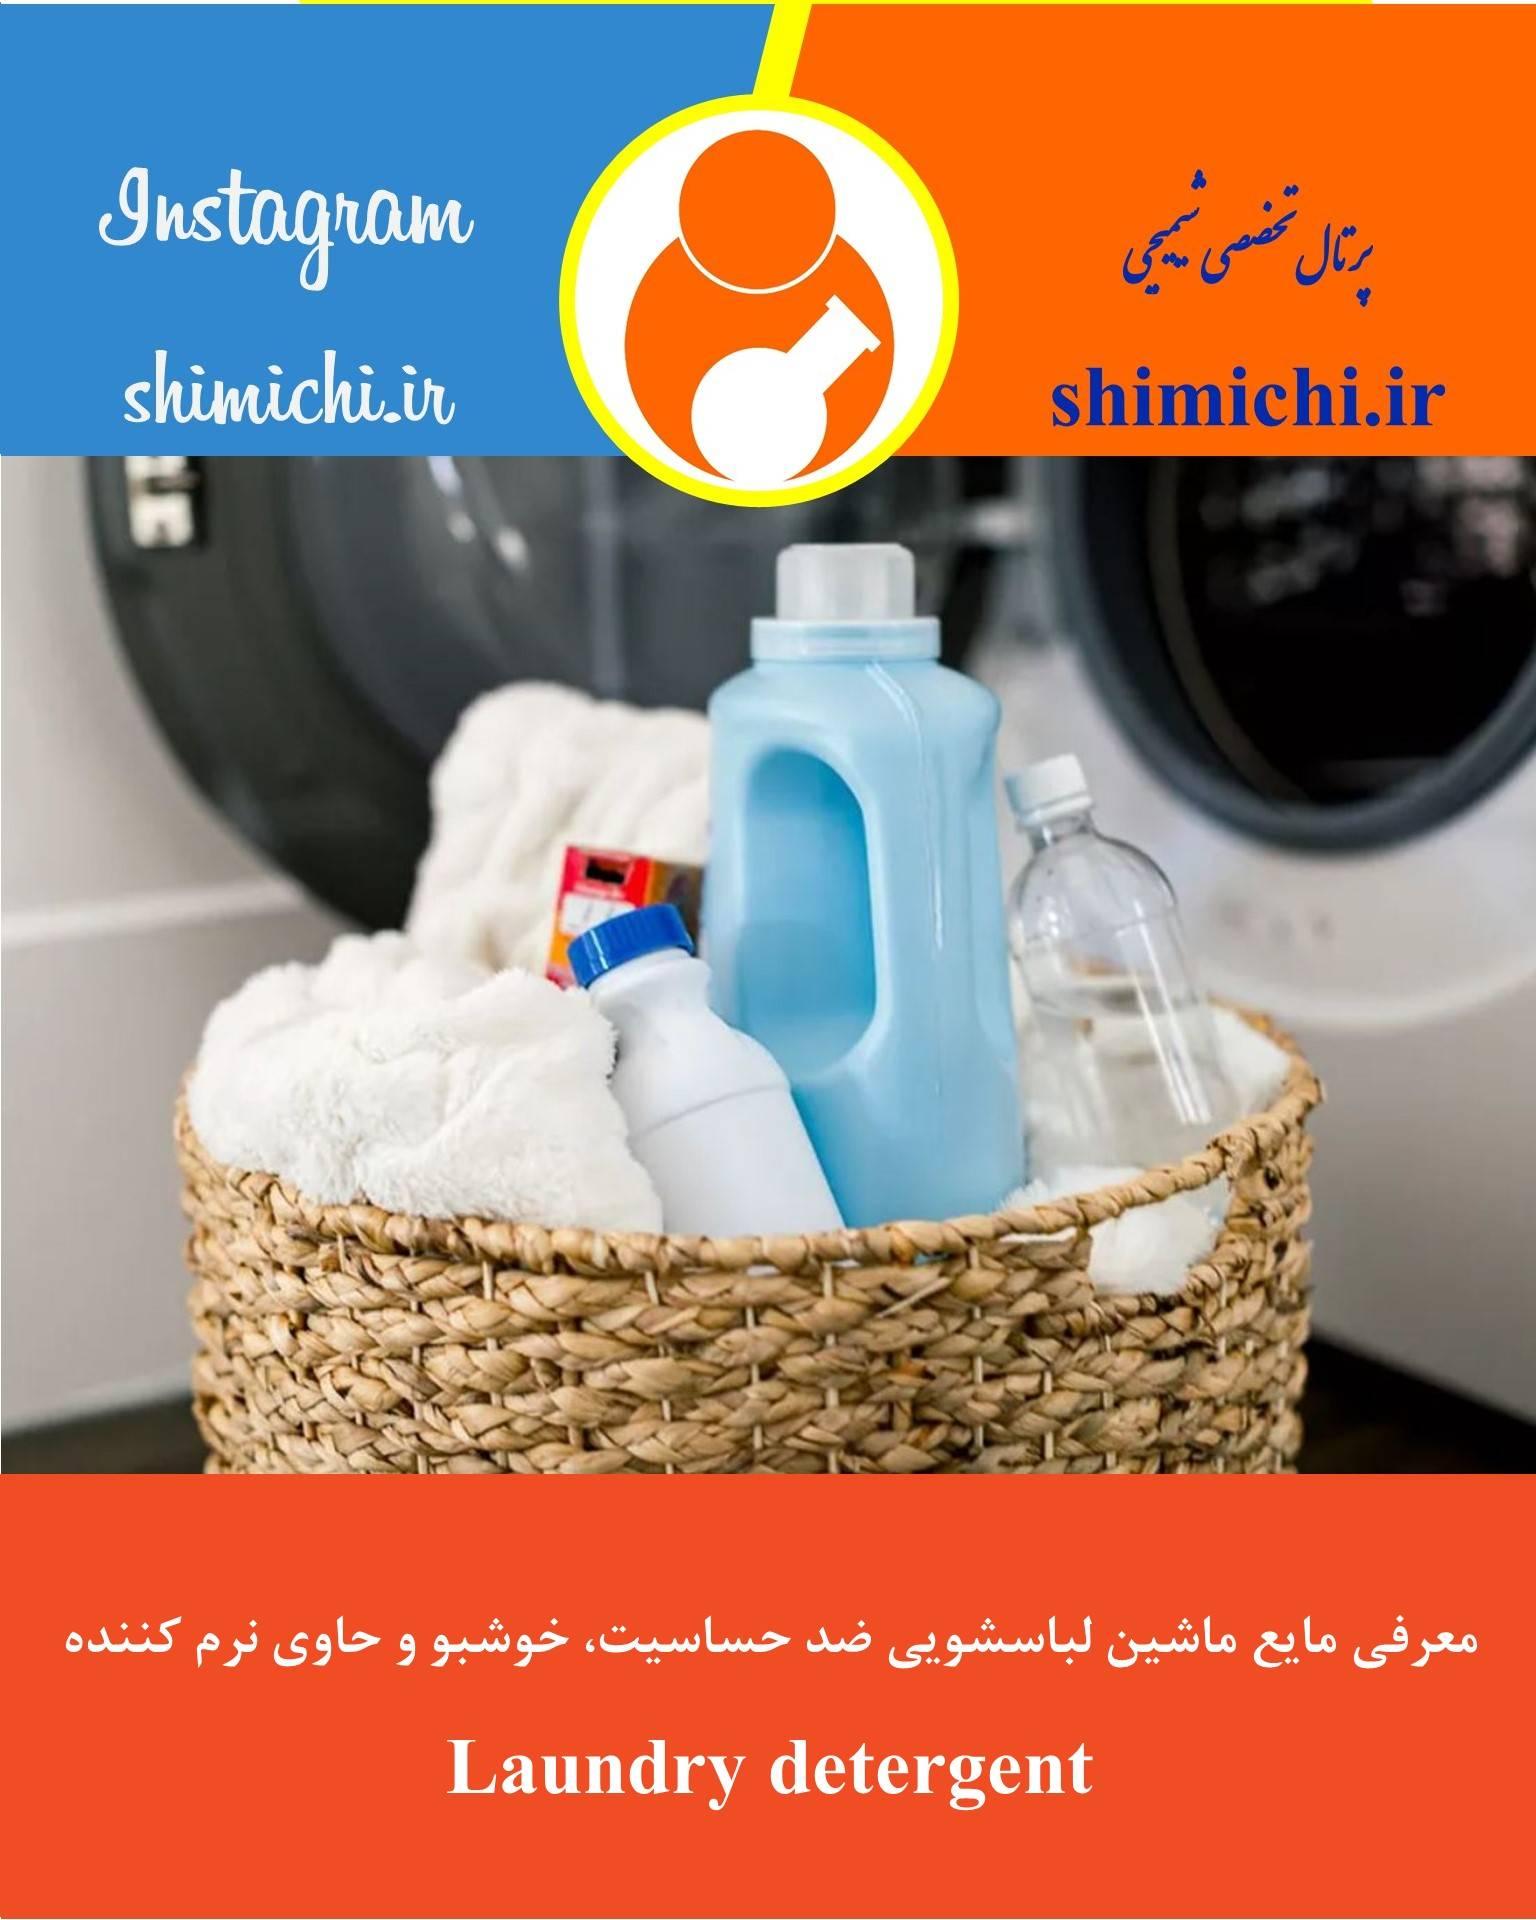 shimichi-laundry-1 فرمول مایع لباسشویی| ساخت مایع لباسشویی | فرمولاسیون مایع لباسشویی |خط تولید مایع لباسشویی